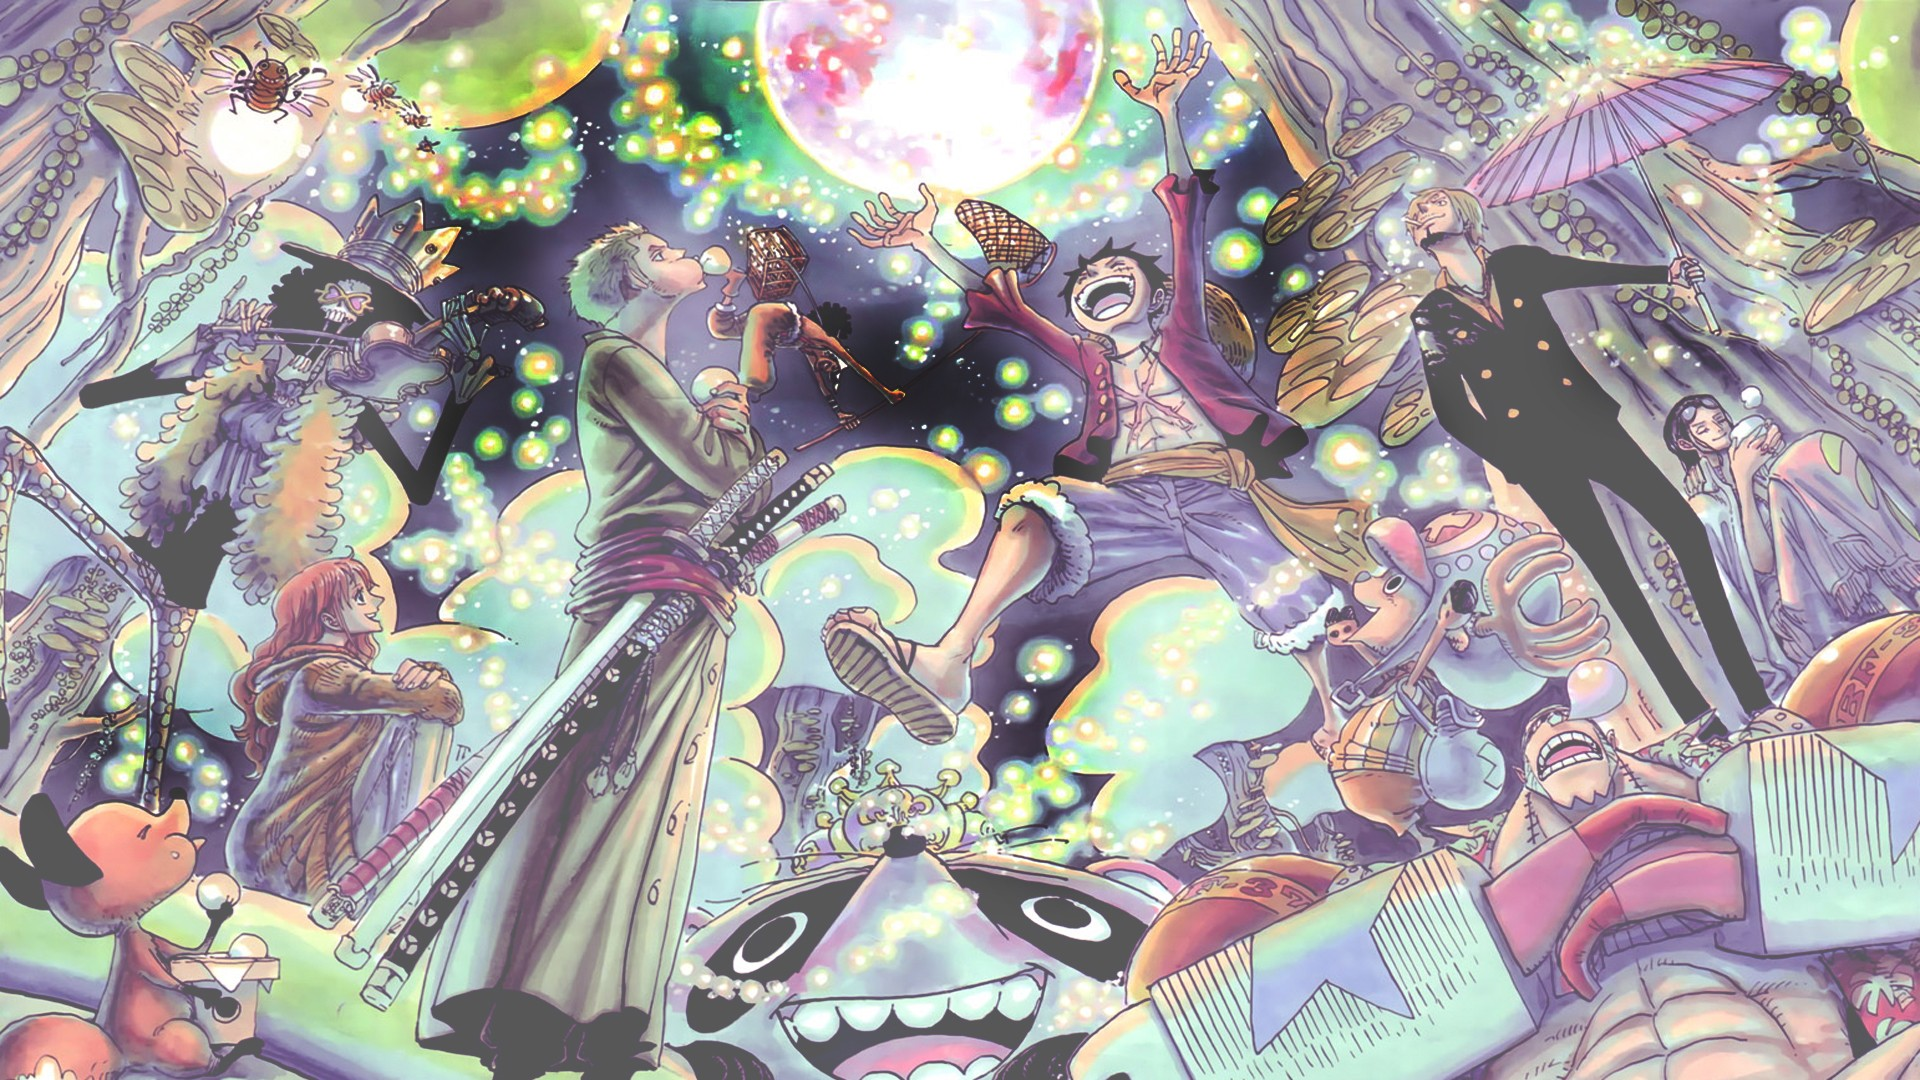 One Piece Wallpaper 1920x1080 One Piece 1920x1080